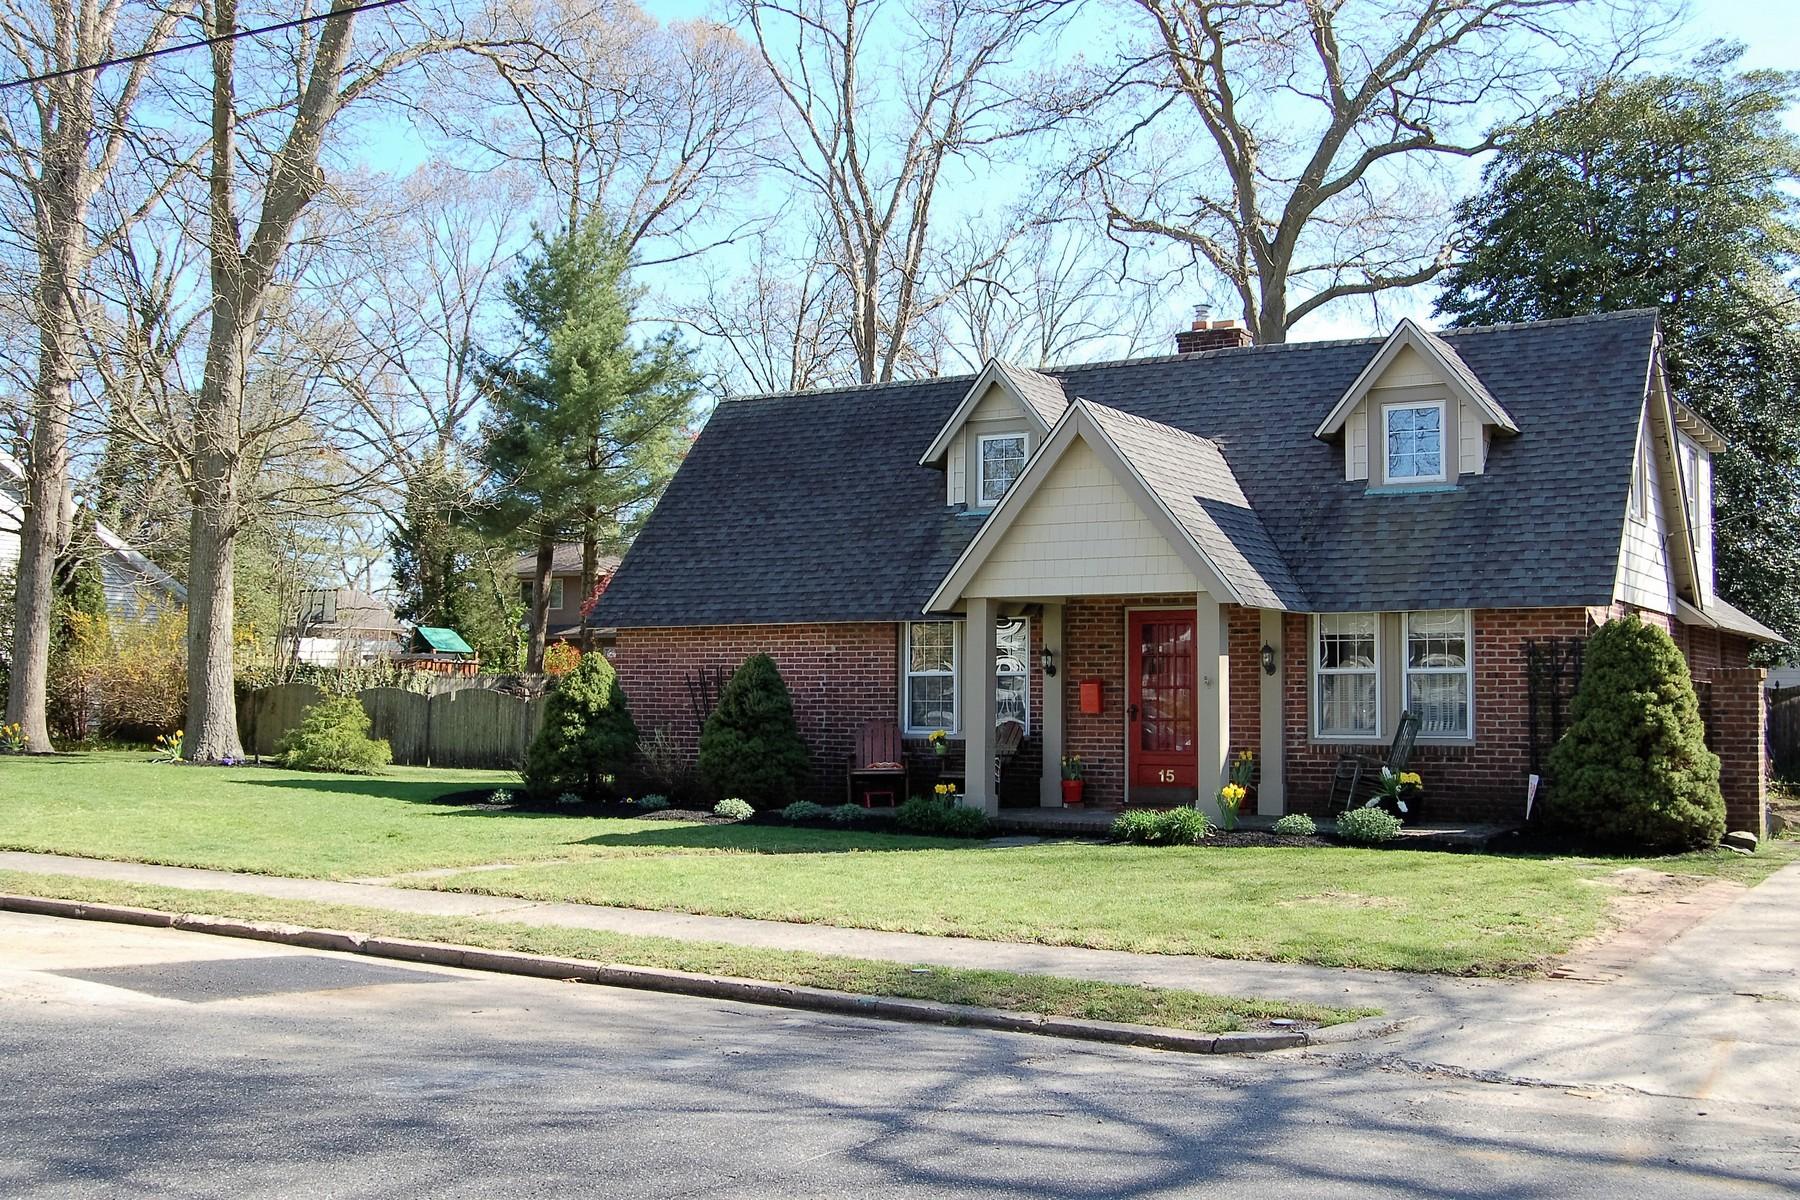 Частный односемейный дом для того Продажа на Unique New England Style Cape Cod Home 15 Haines Avenue Linwood, 08221 Соединенные Штаты